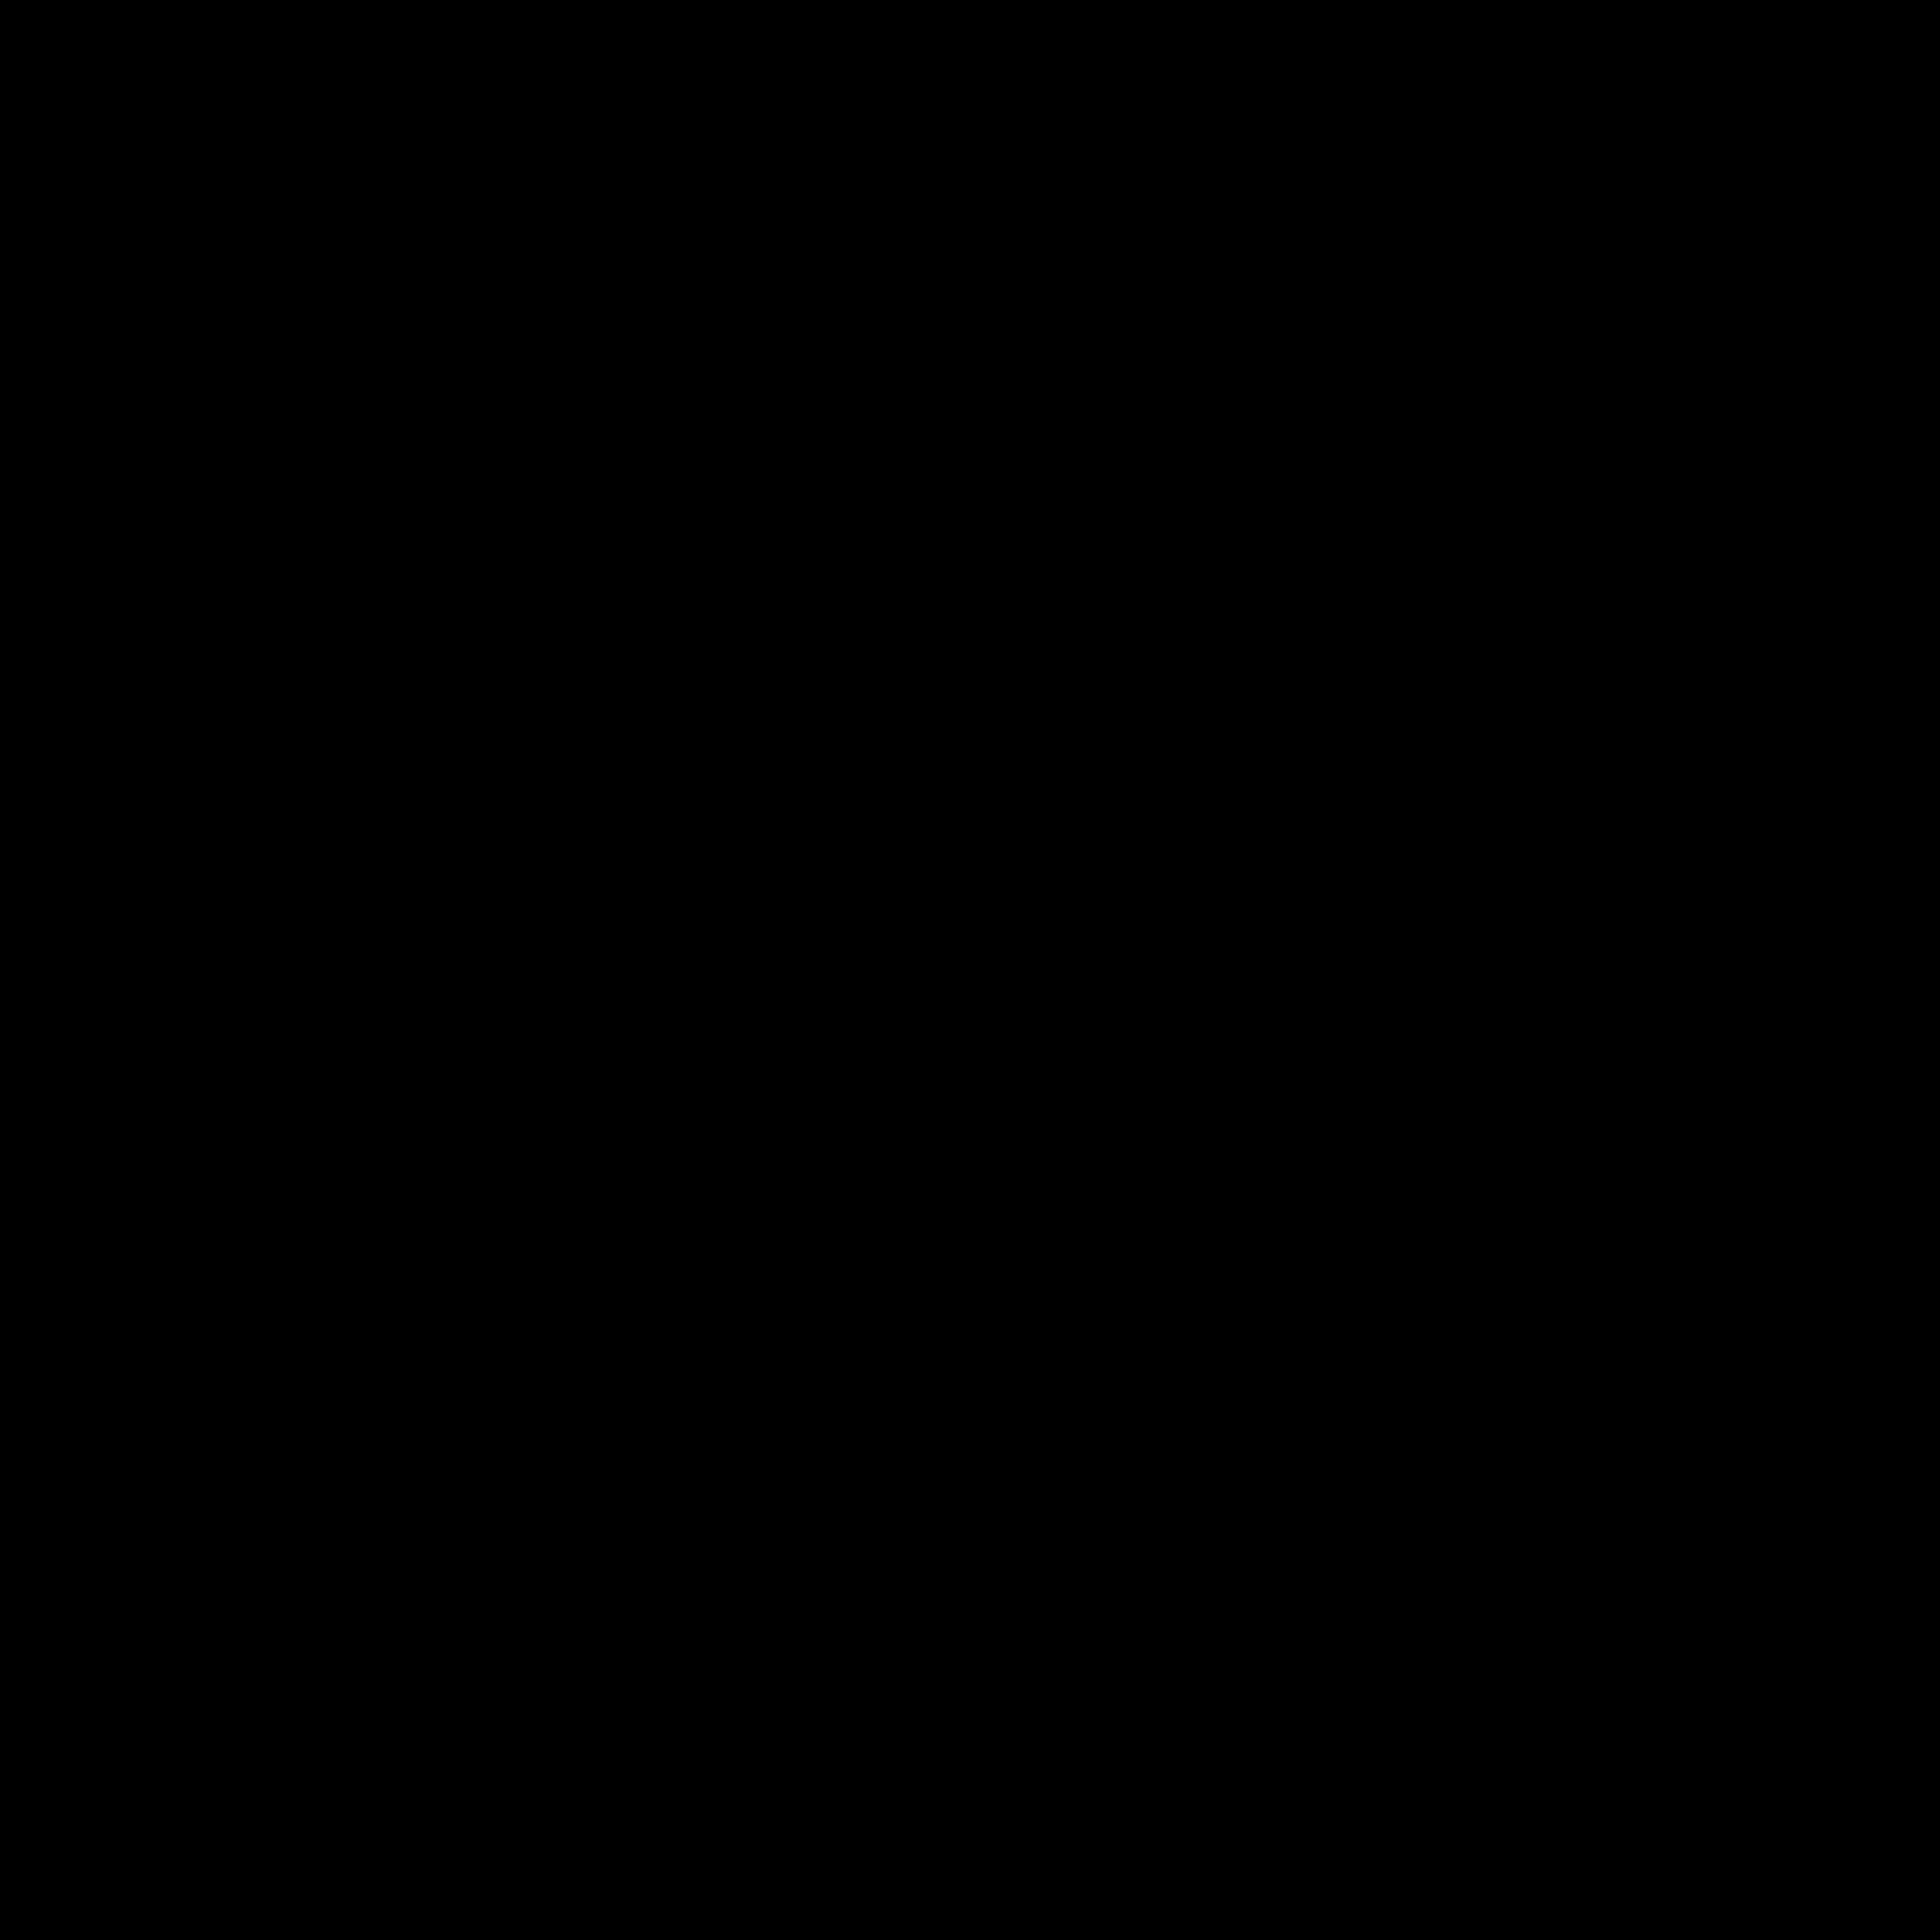 Open Board Meeting #2